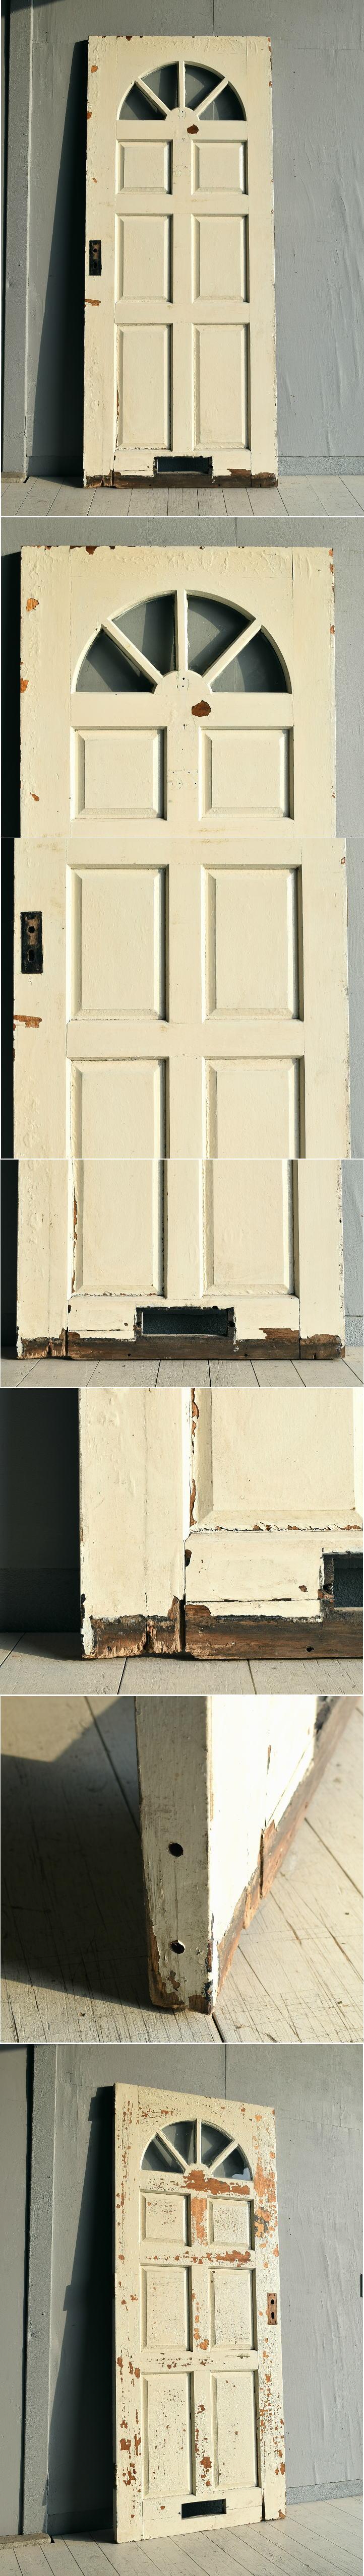 イギリス アンティーク ドア 扉 建具 ディスプレイ 7812